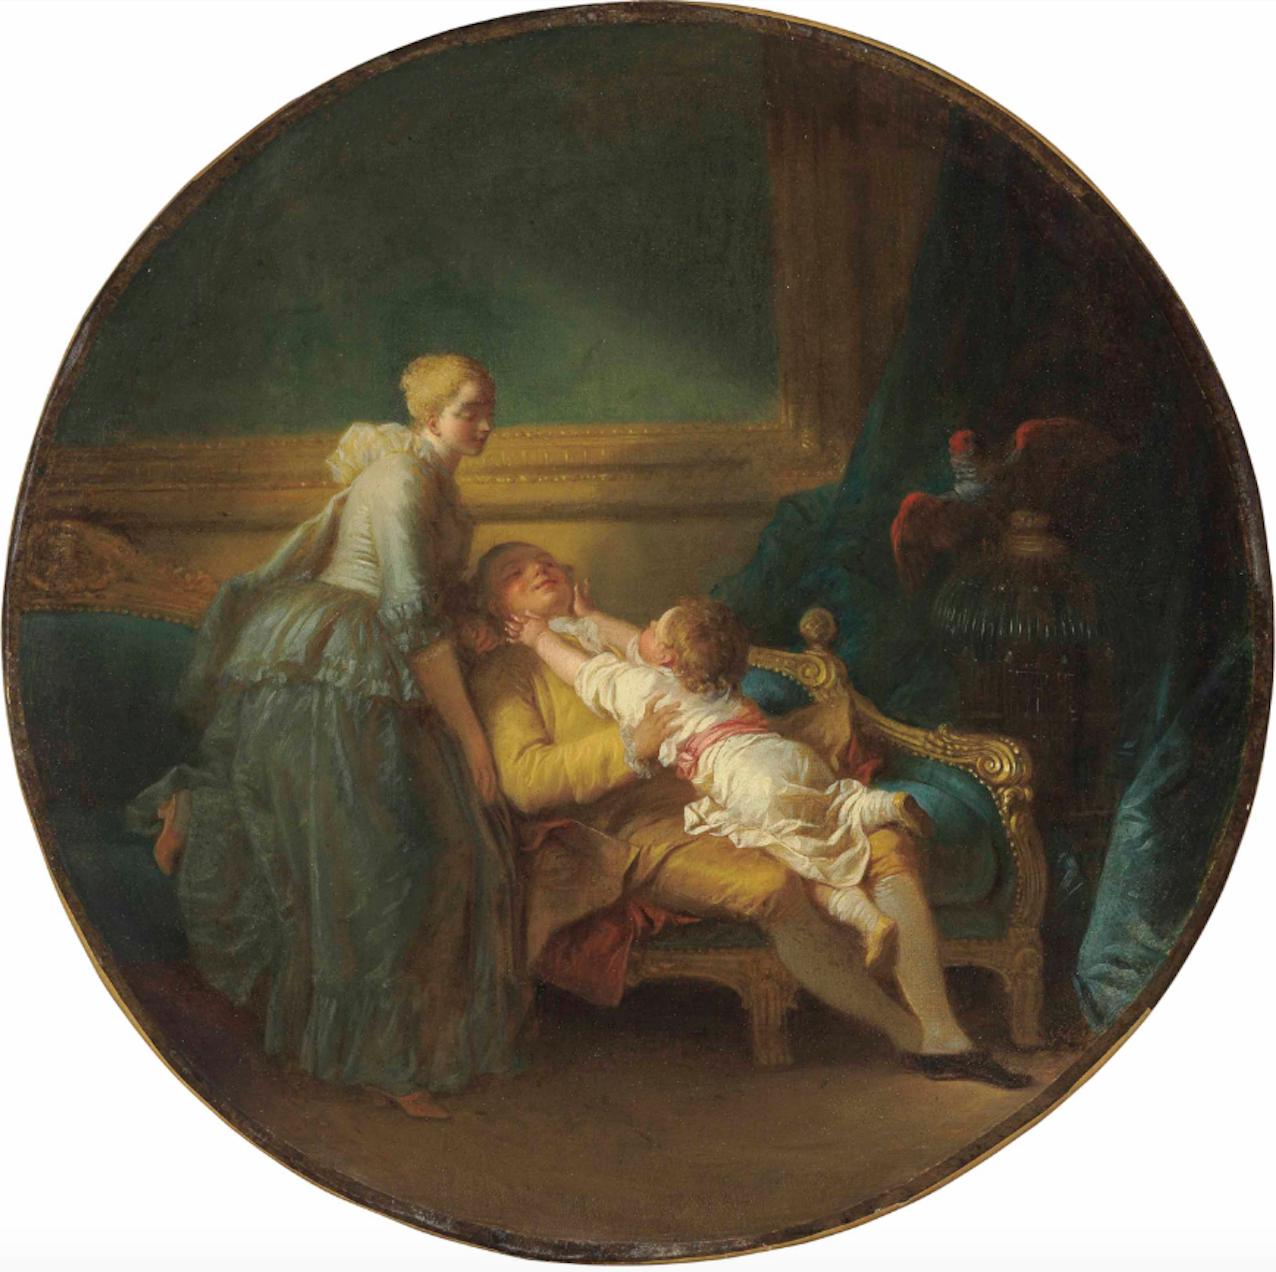 - Jean-Honoré Fragonard (Grasse 1732-1806 Paris)L'Heureux ménage ('The happy household')